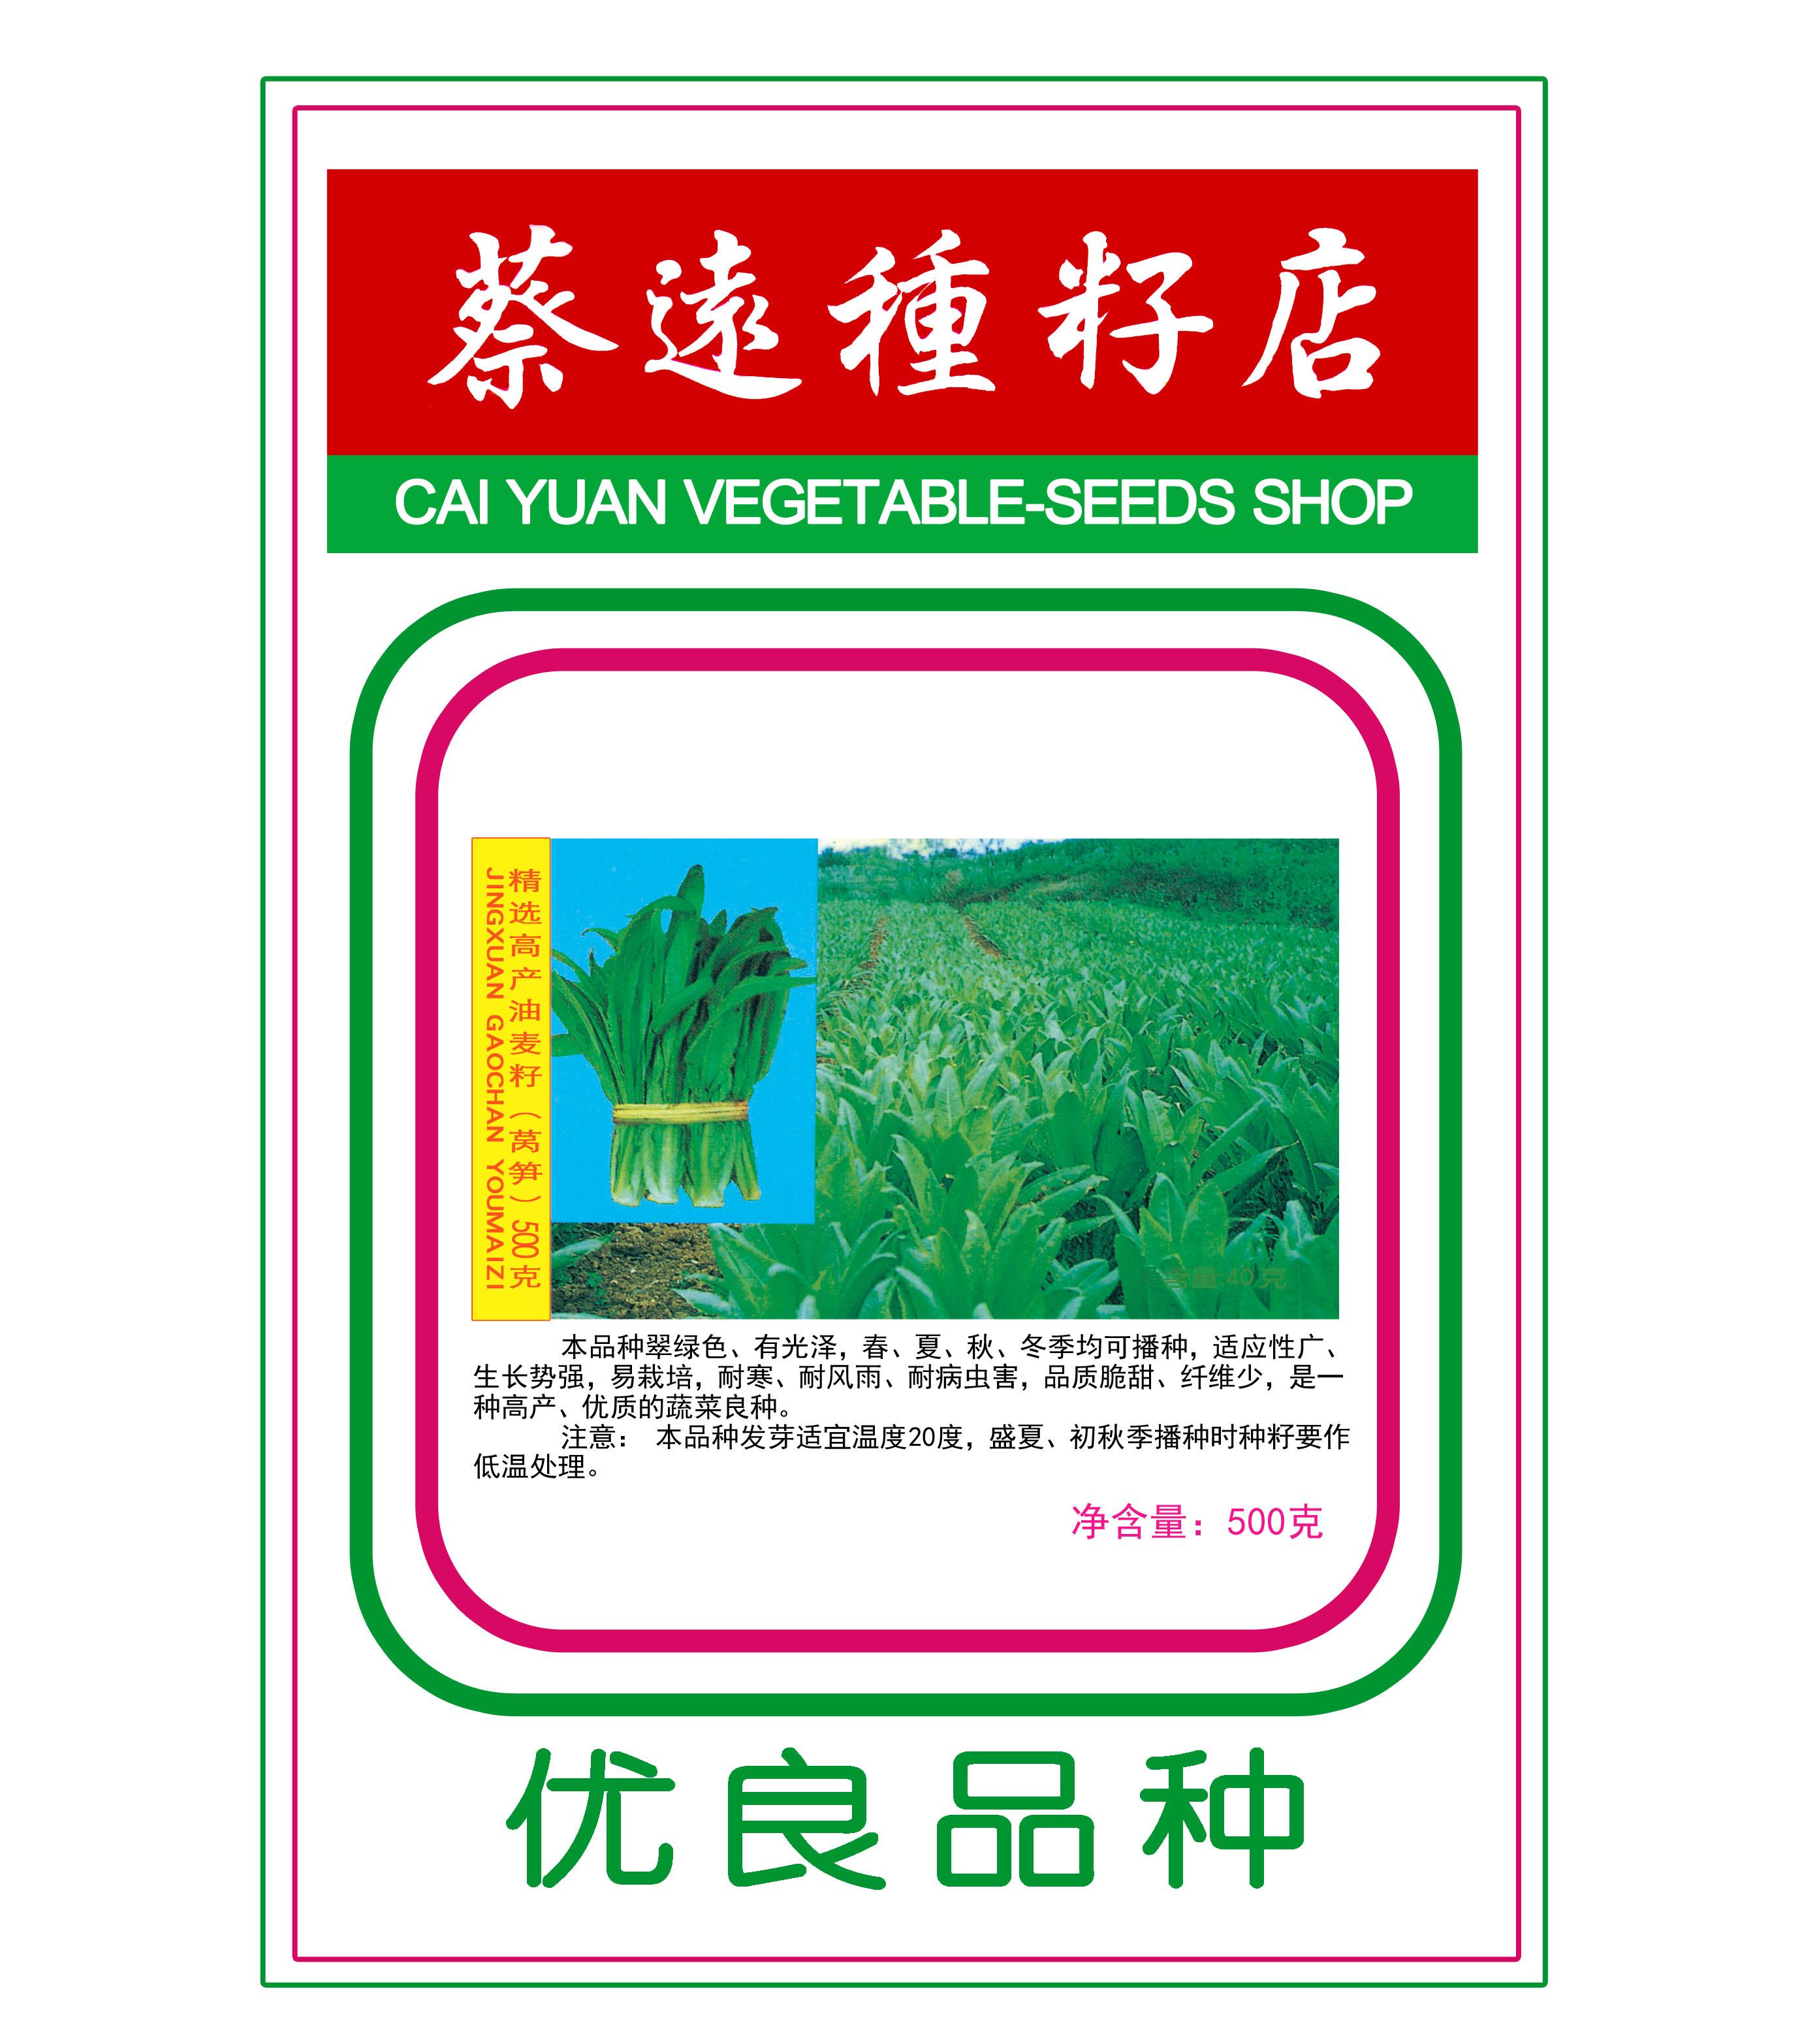 精选远大高产油麦籽(莴笋)500g